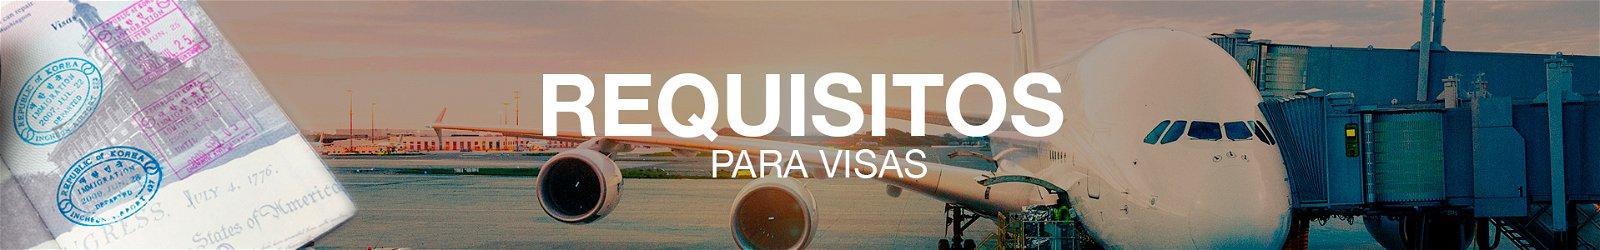 Requisitos para trámite de visas